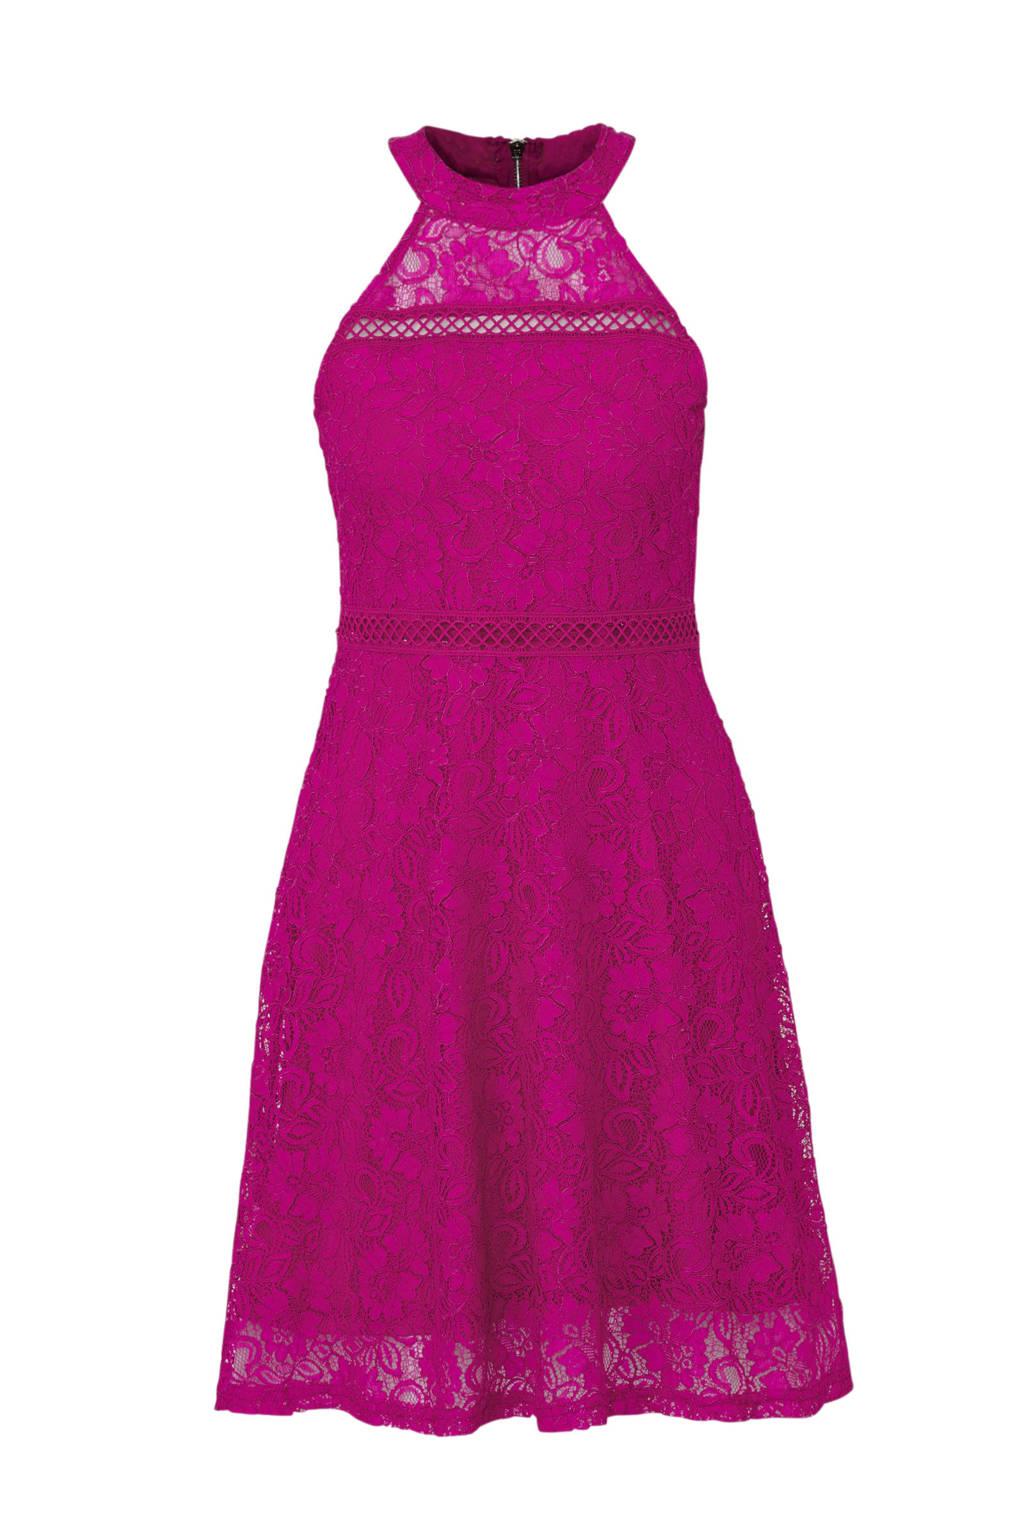 6b670c19a4c797 CoolCat kanten jurk